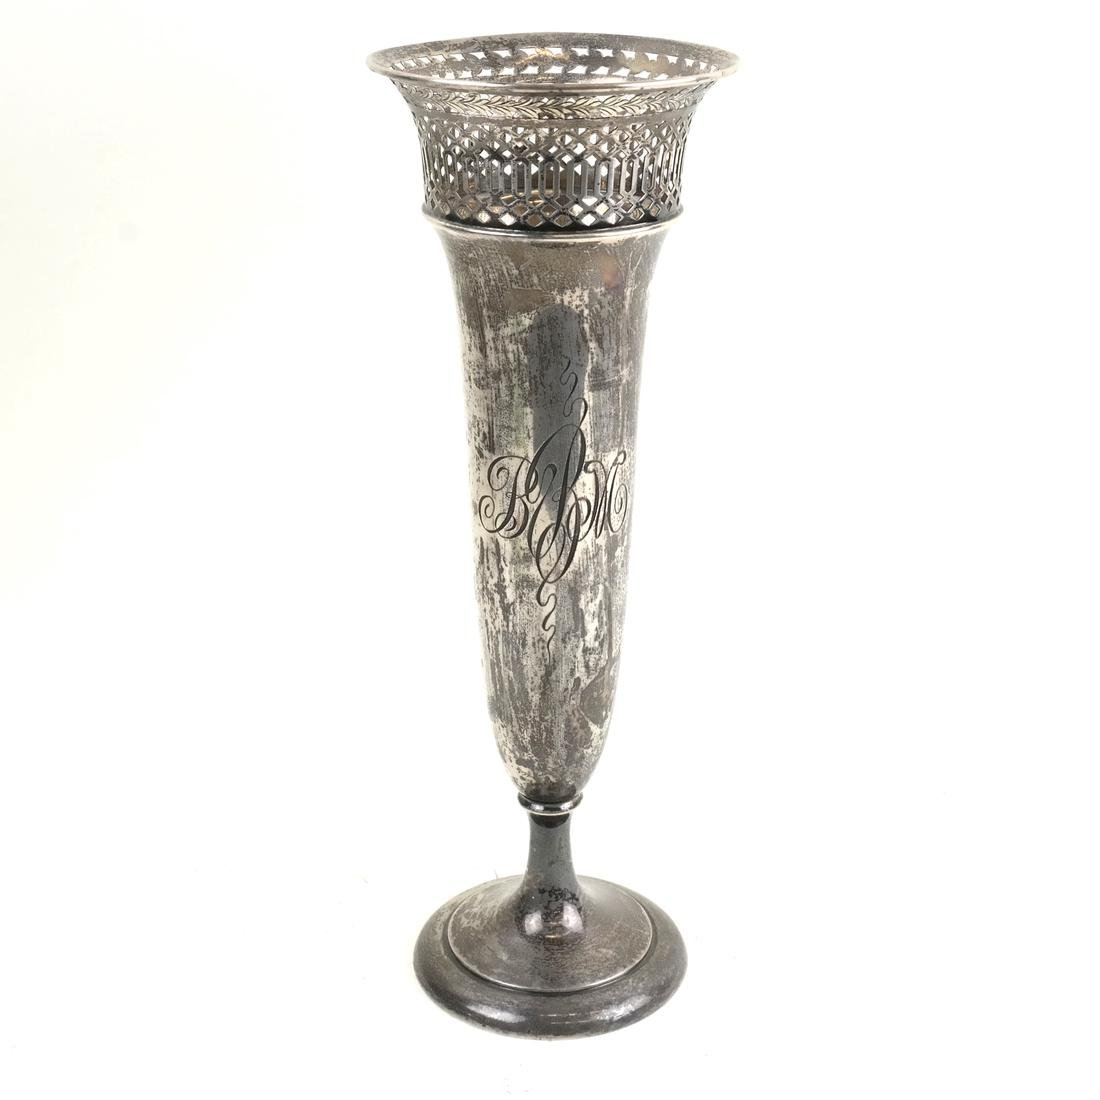 Reed & Barton Sterling Trumpet-Form Vase